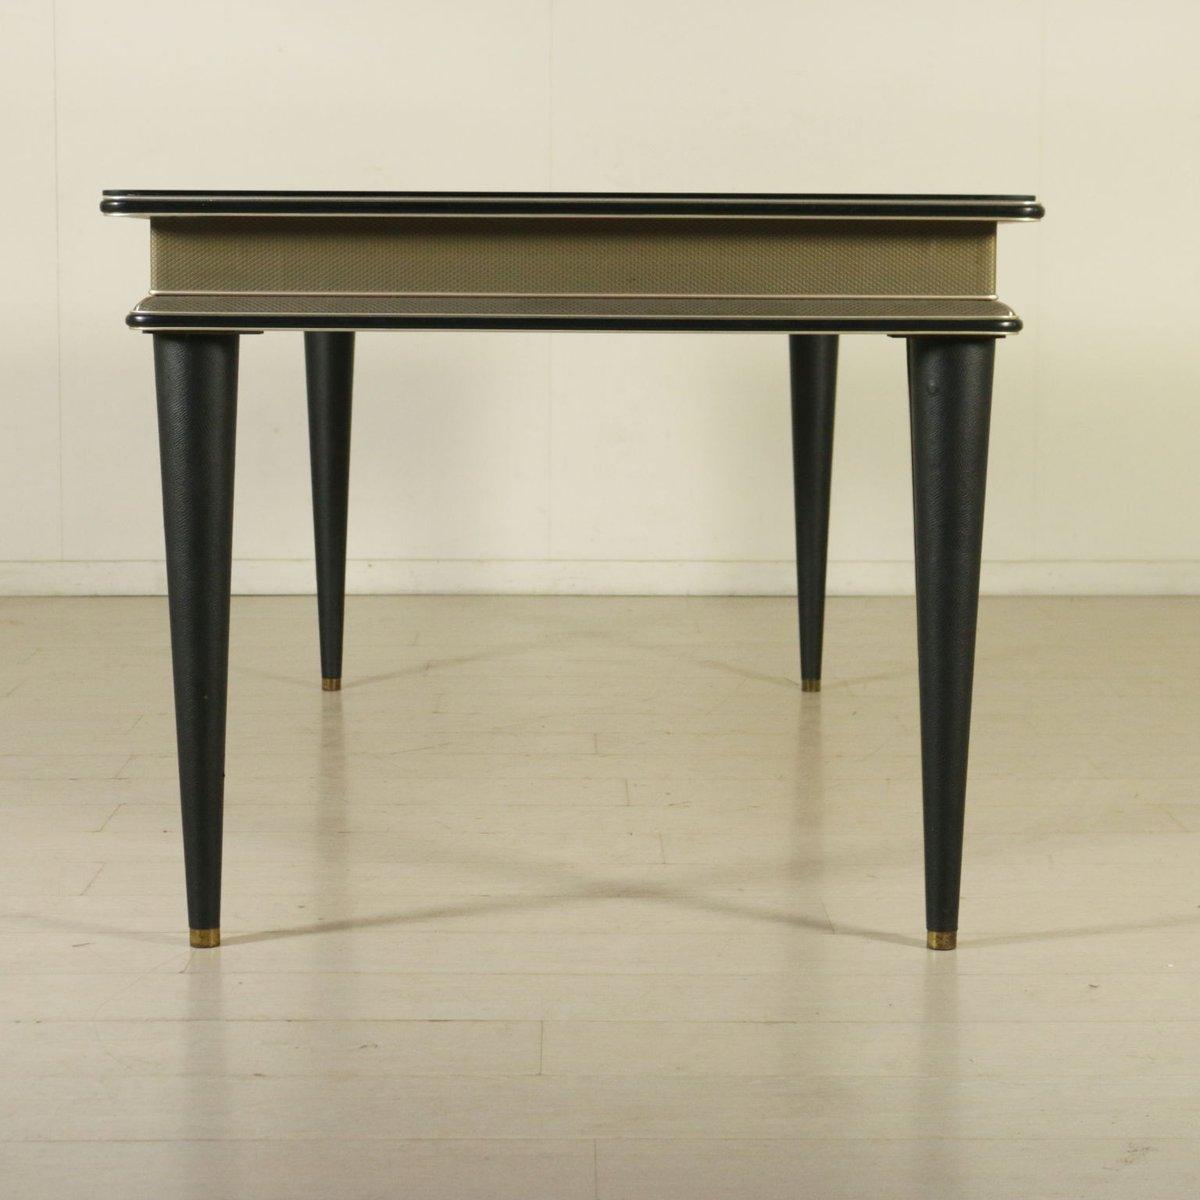 tisch aus skai glas messing von umberto mascagni. Black Bedroom Furniture Sets. Home Design Ideas